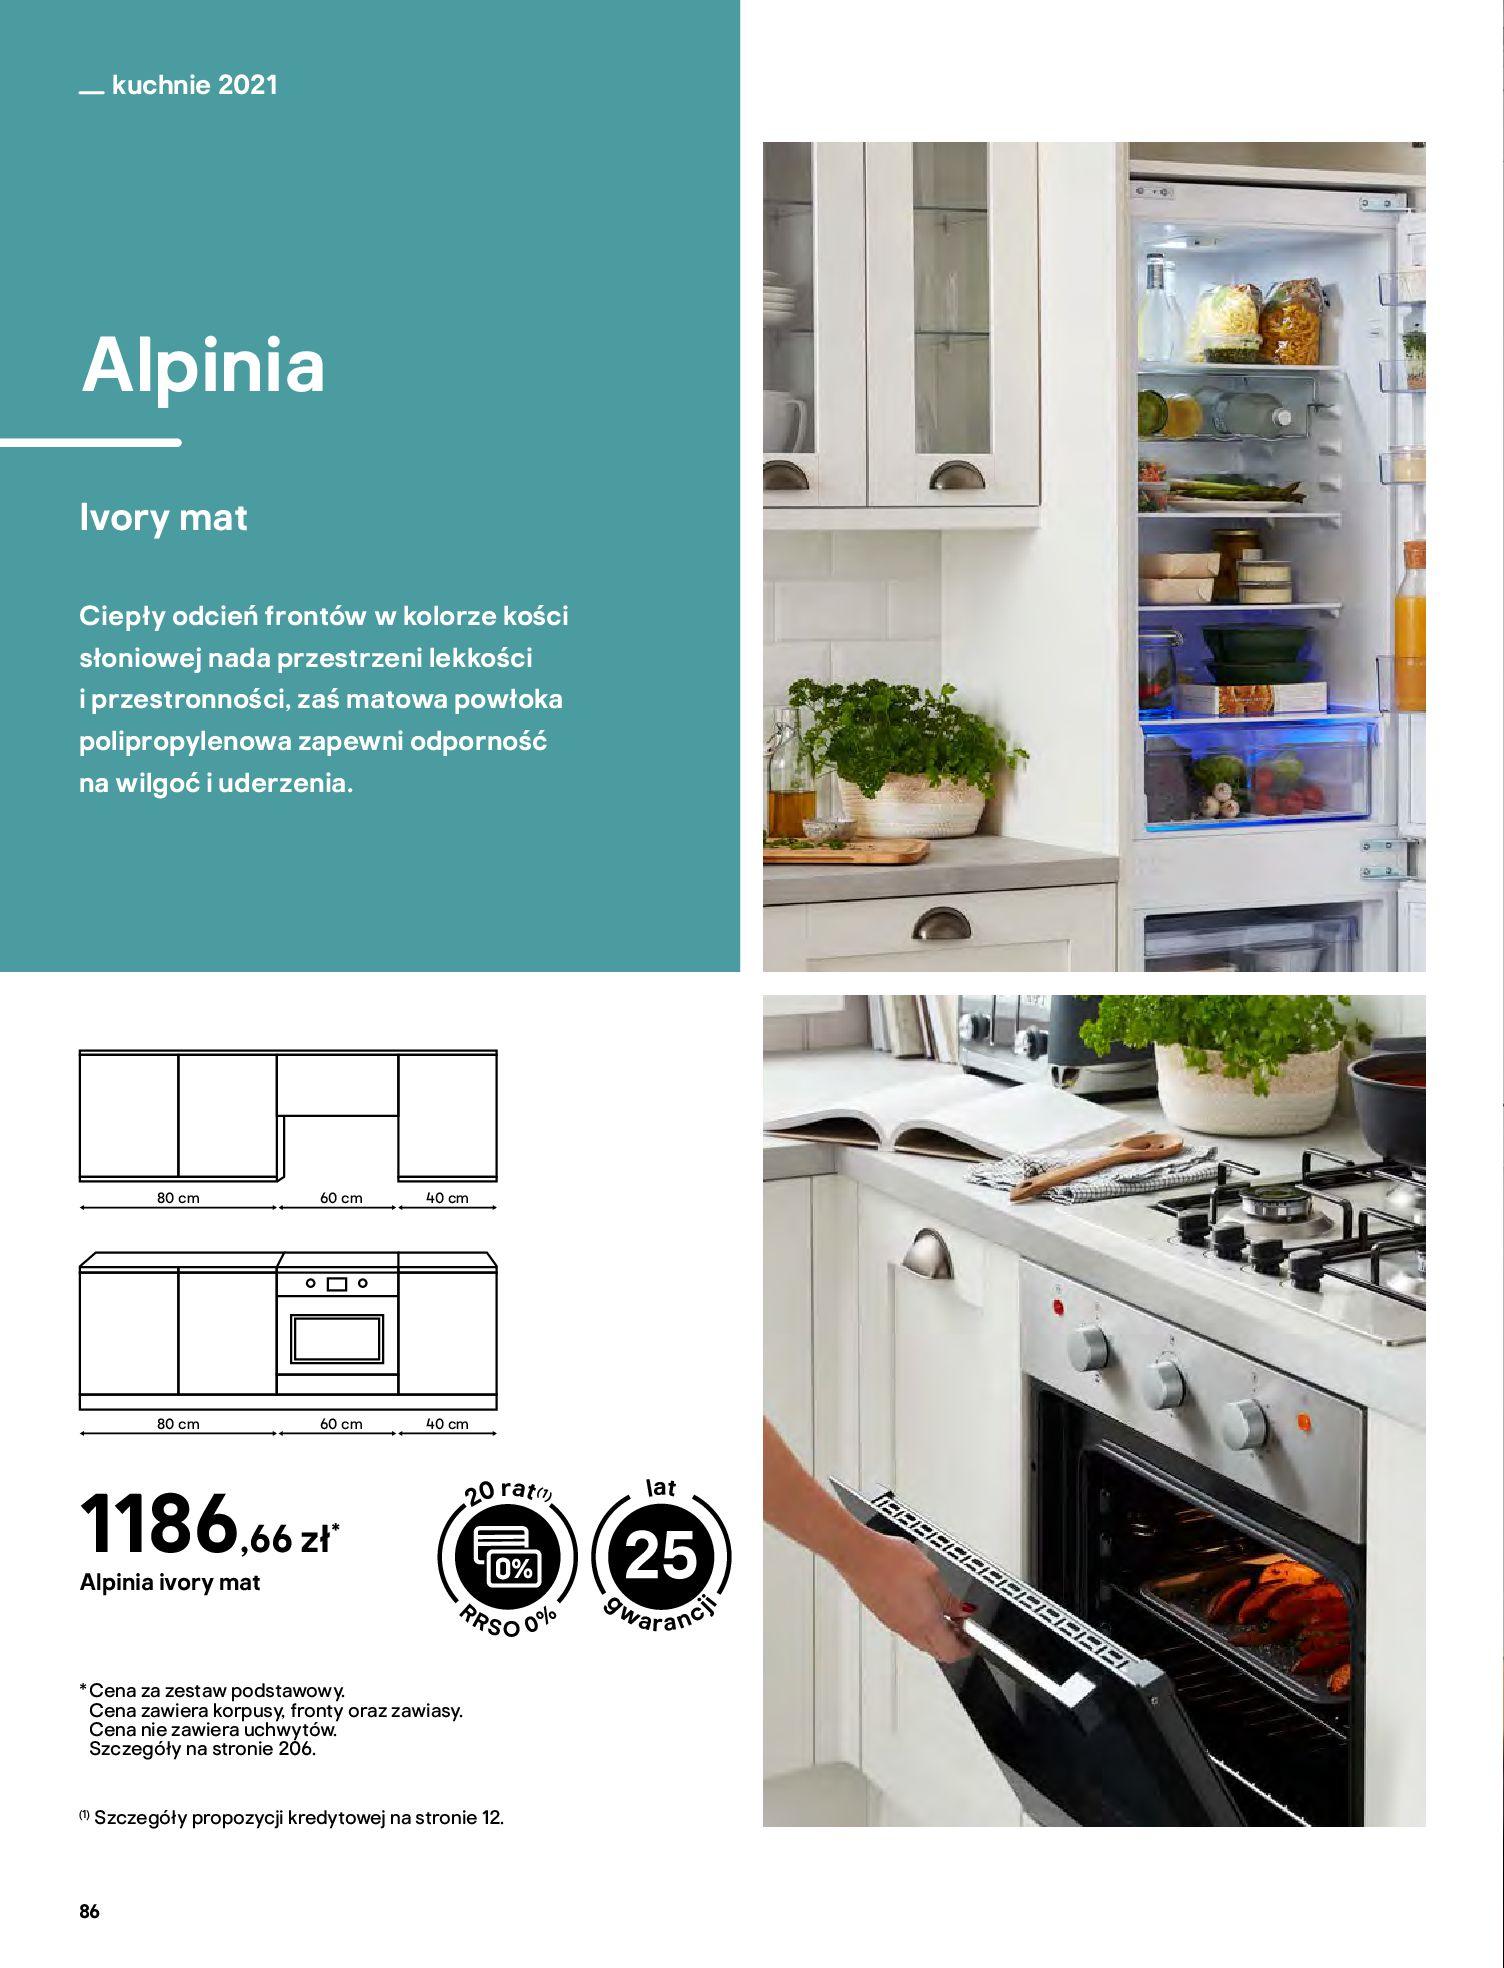 Gazetka Castorama: Katalog kuchnie 2021 2021-05-04 page-86